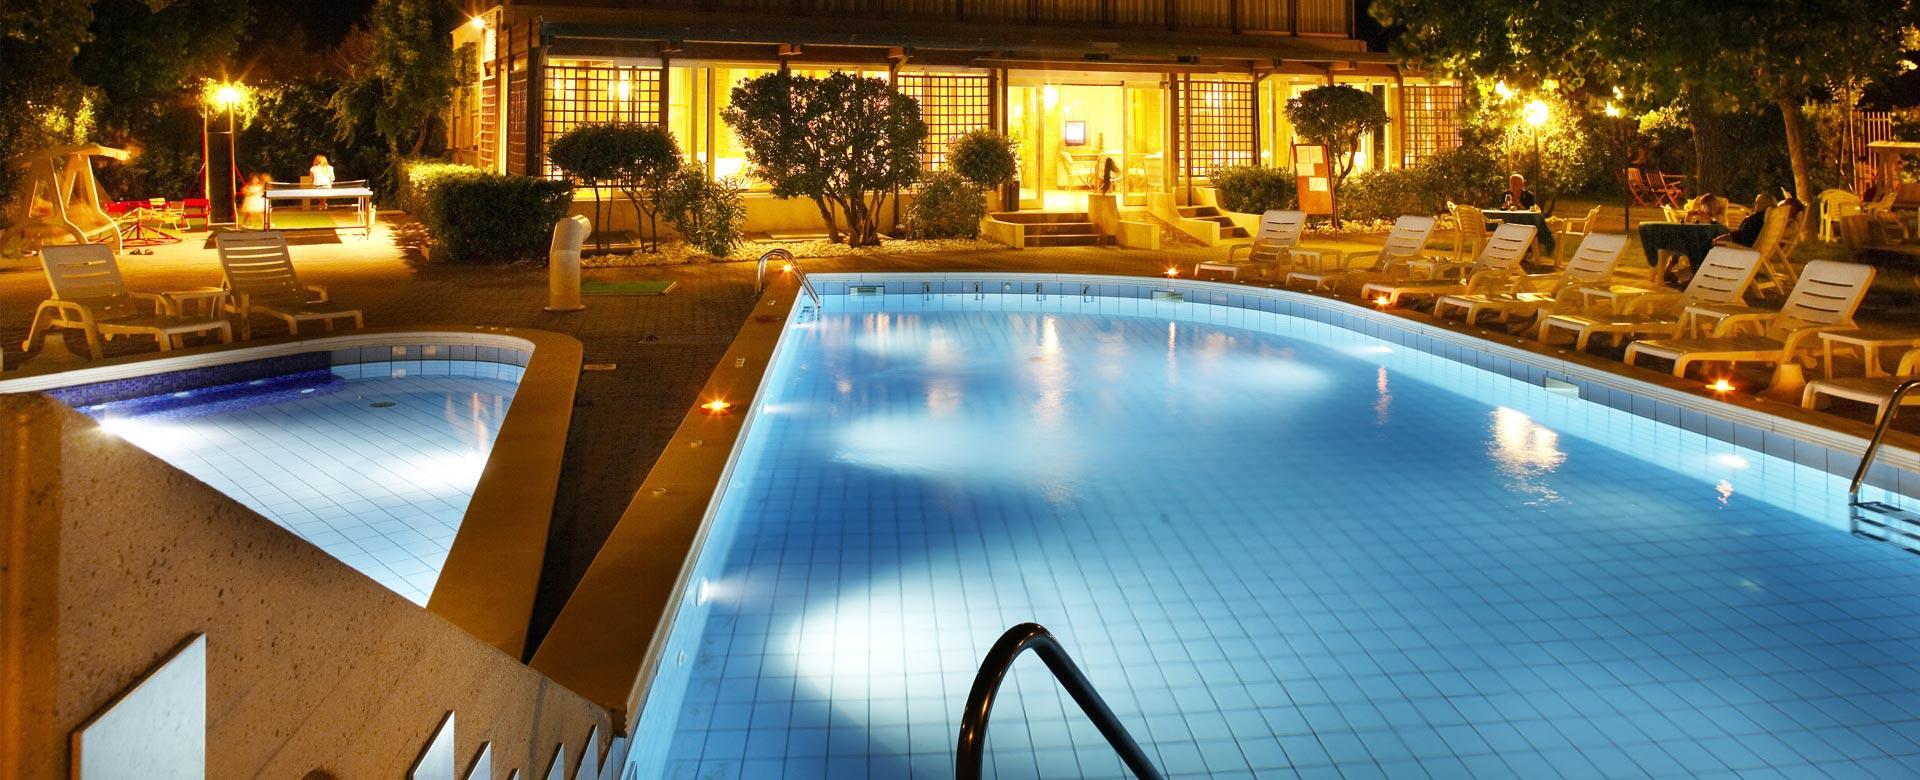 alexandraplaza it hotel-piscina-riccione 003